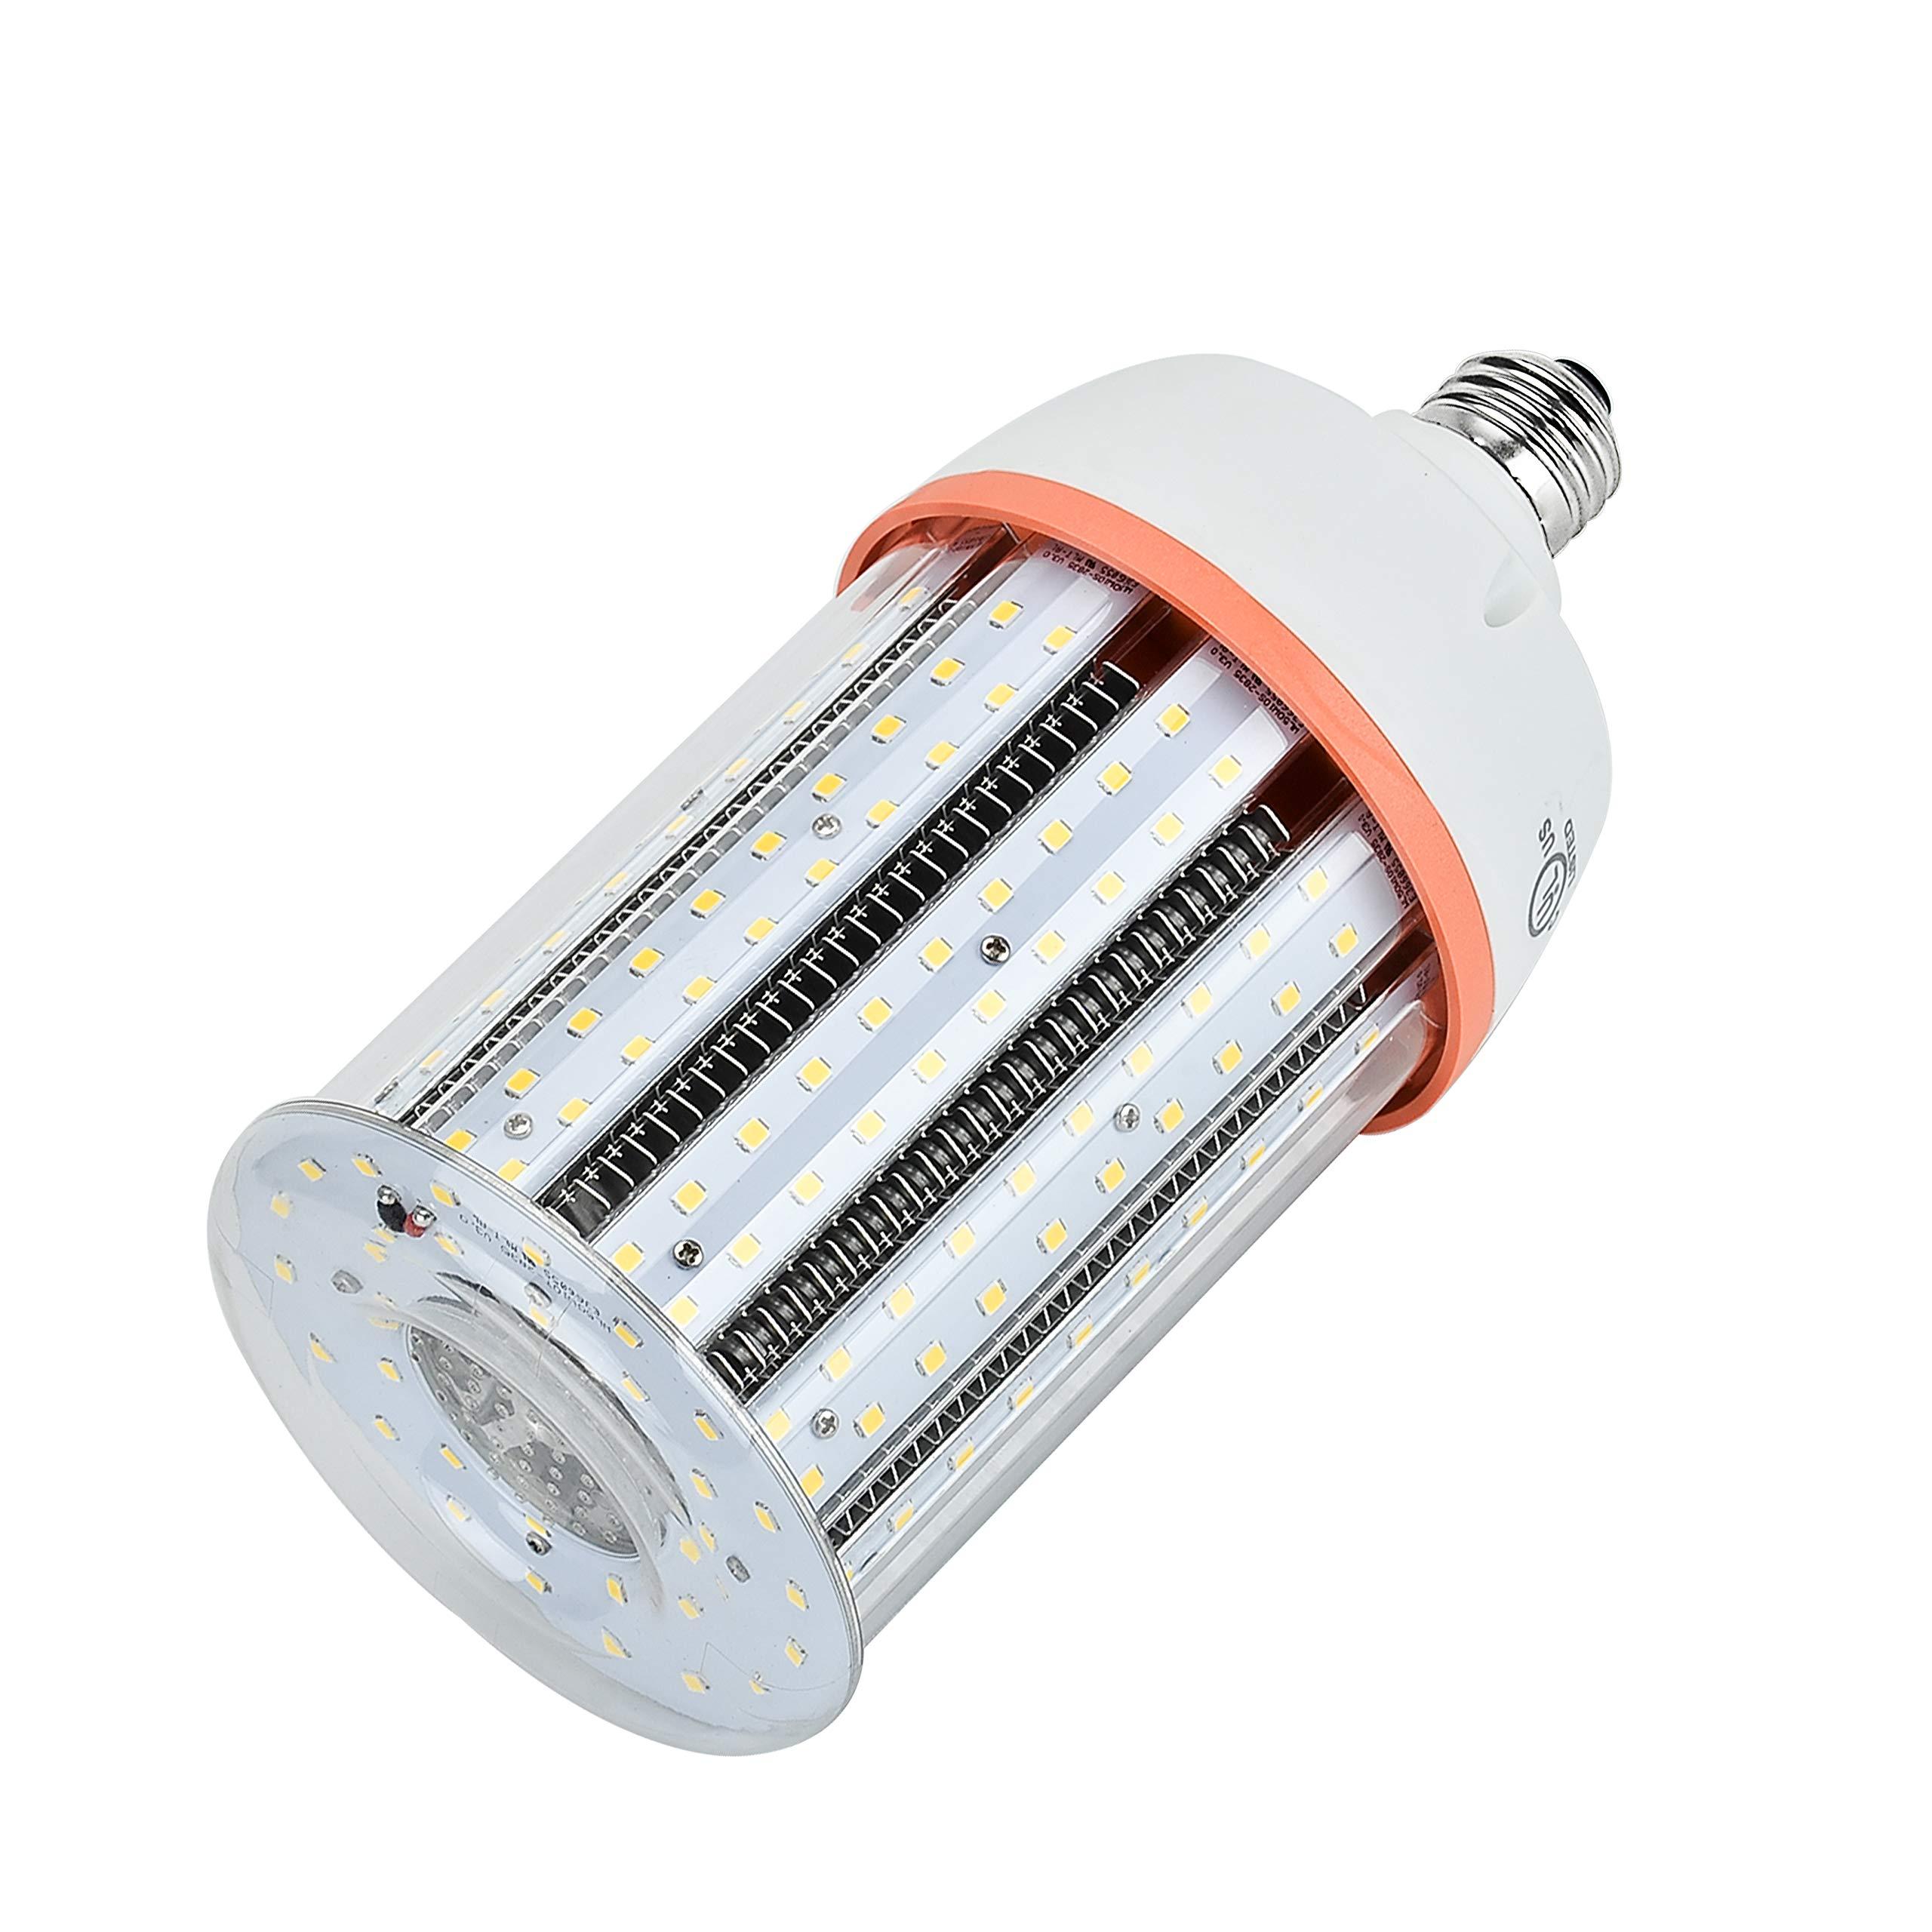 Hawks E26 LED Corn Light Bulbs 50W Cool White Light 6000K High Bay Warehouse Lighting for Garage Workshop Garden Office Barn Porch by Hawks (Image #1)